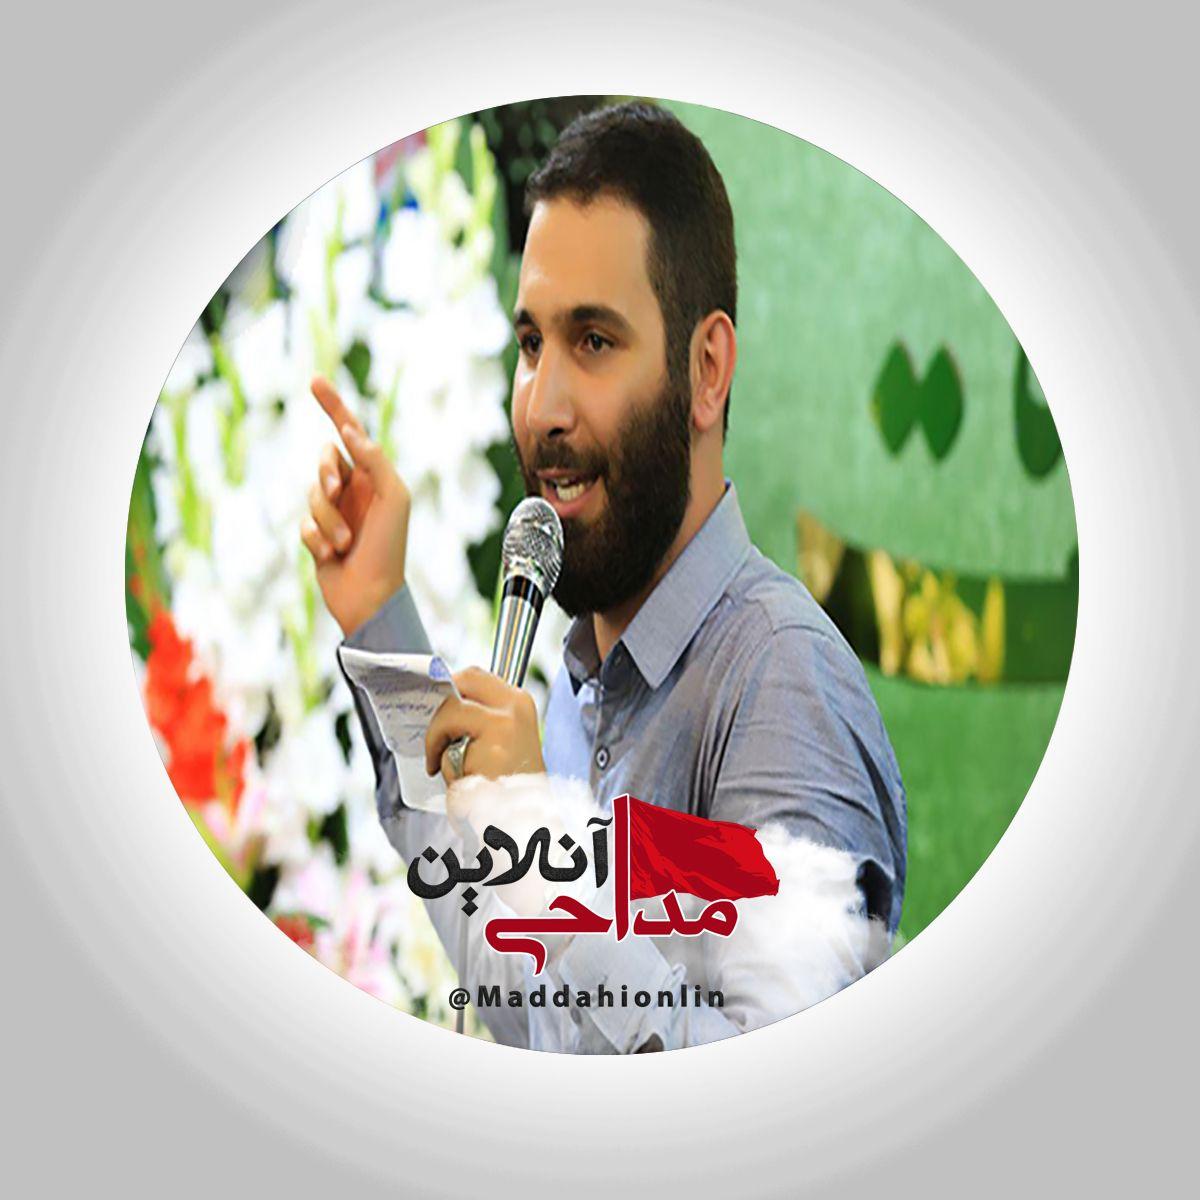 محمد حسین حدادیان